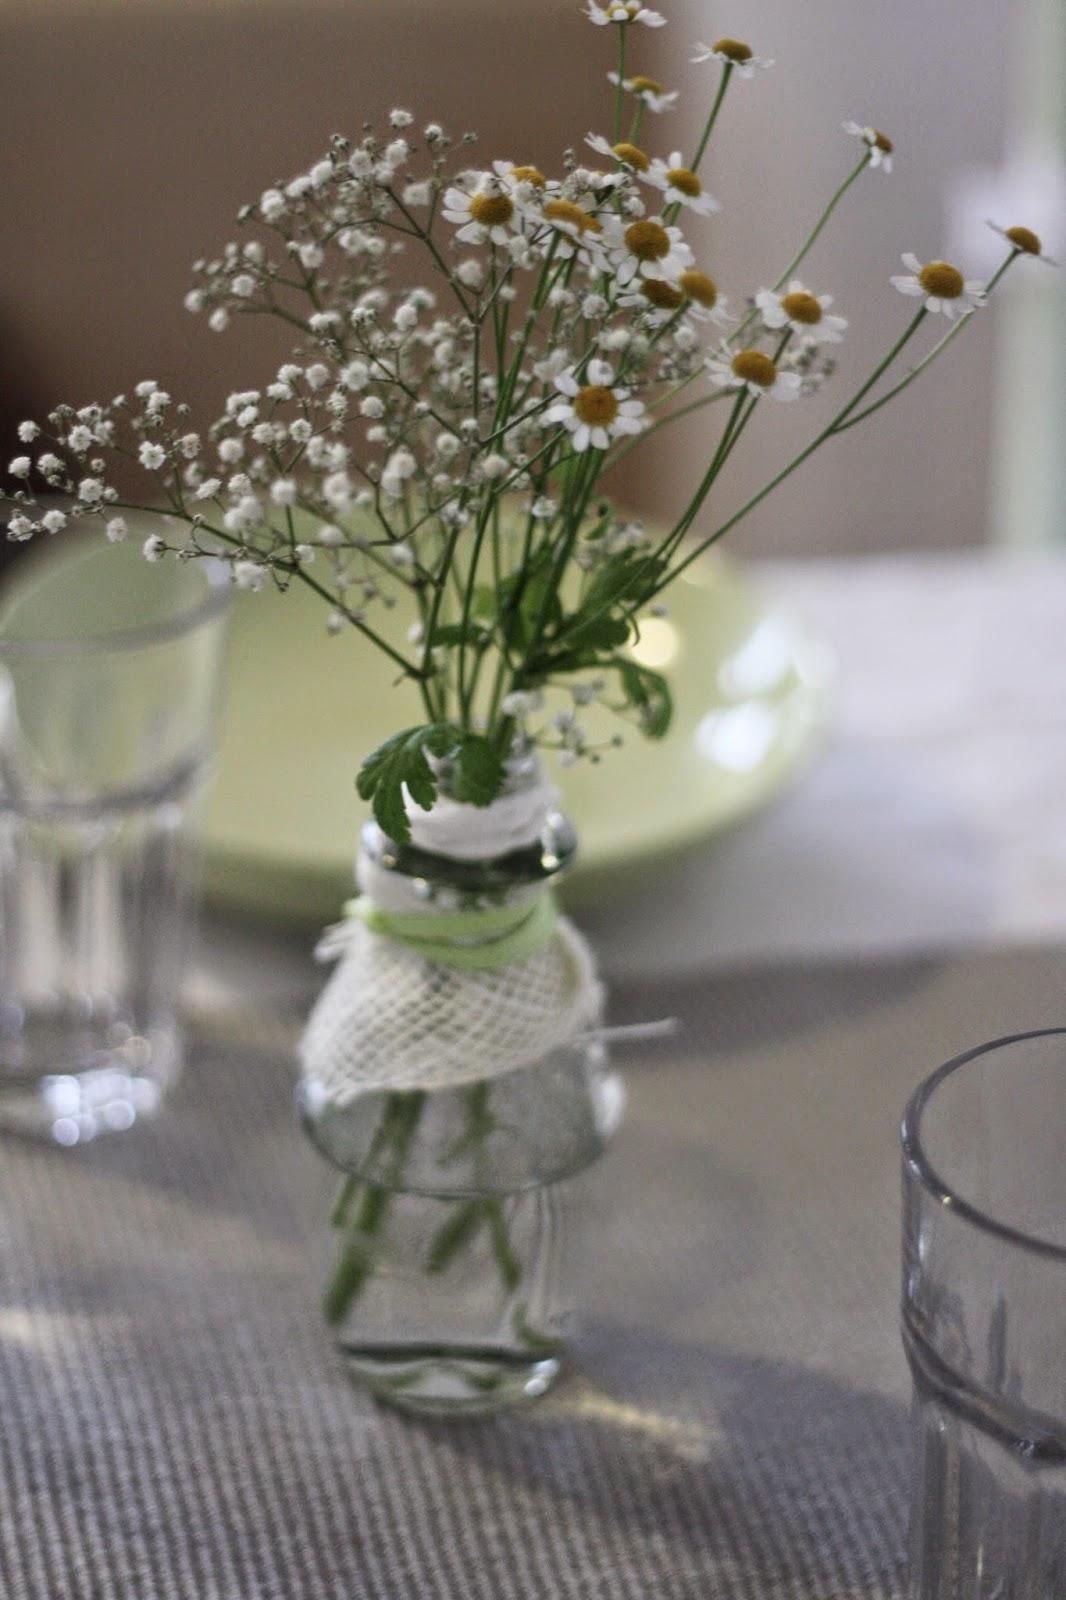 Fashionblog aus Deutschland: Tischdekoration